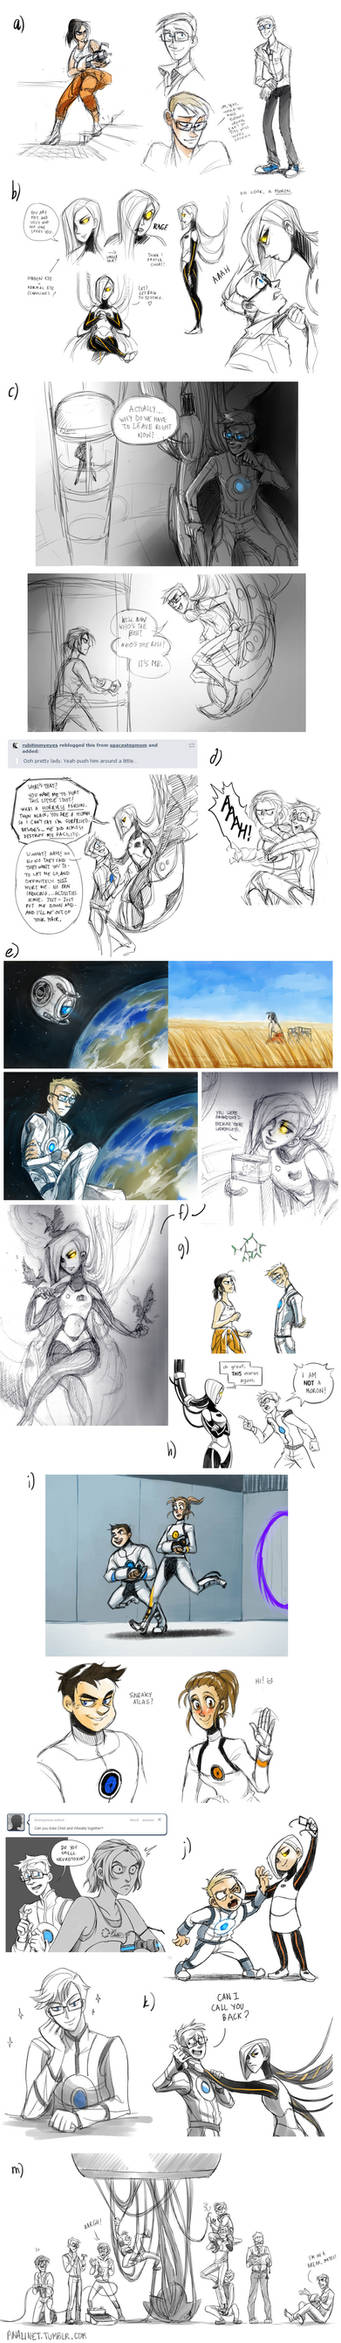 Portal 2 Sketchdump